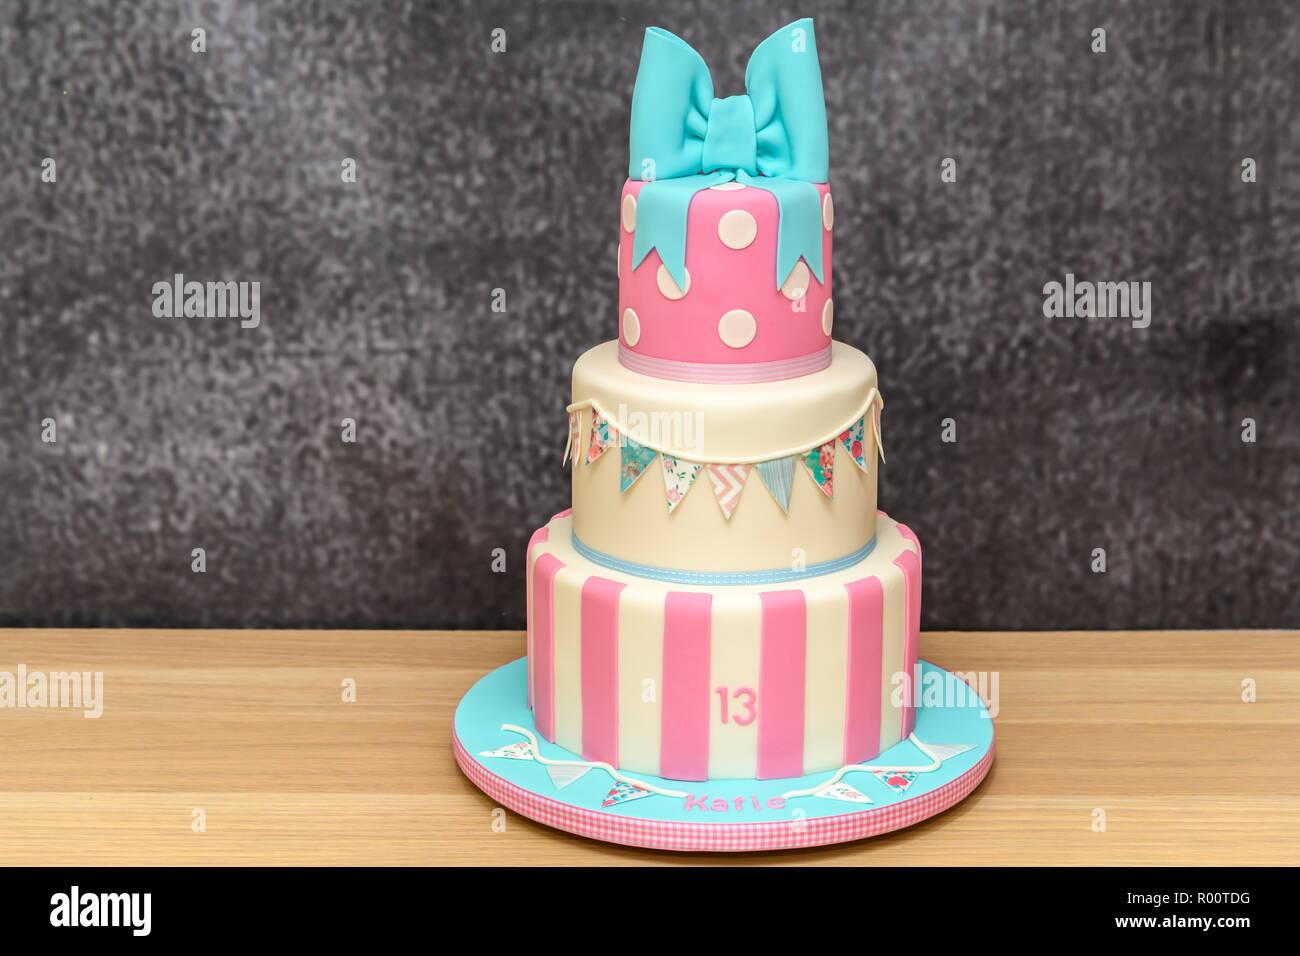 Gâteau d'anniversaire de la nouveauté fait maison Photo Stock